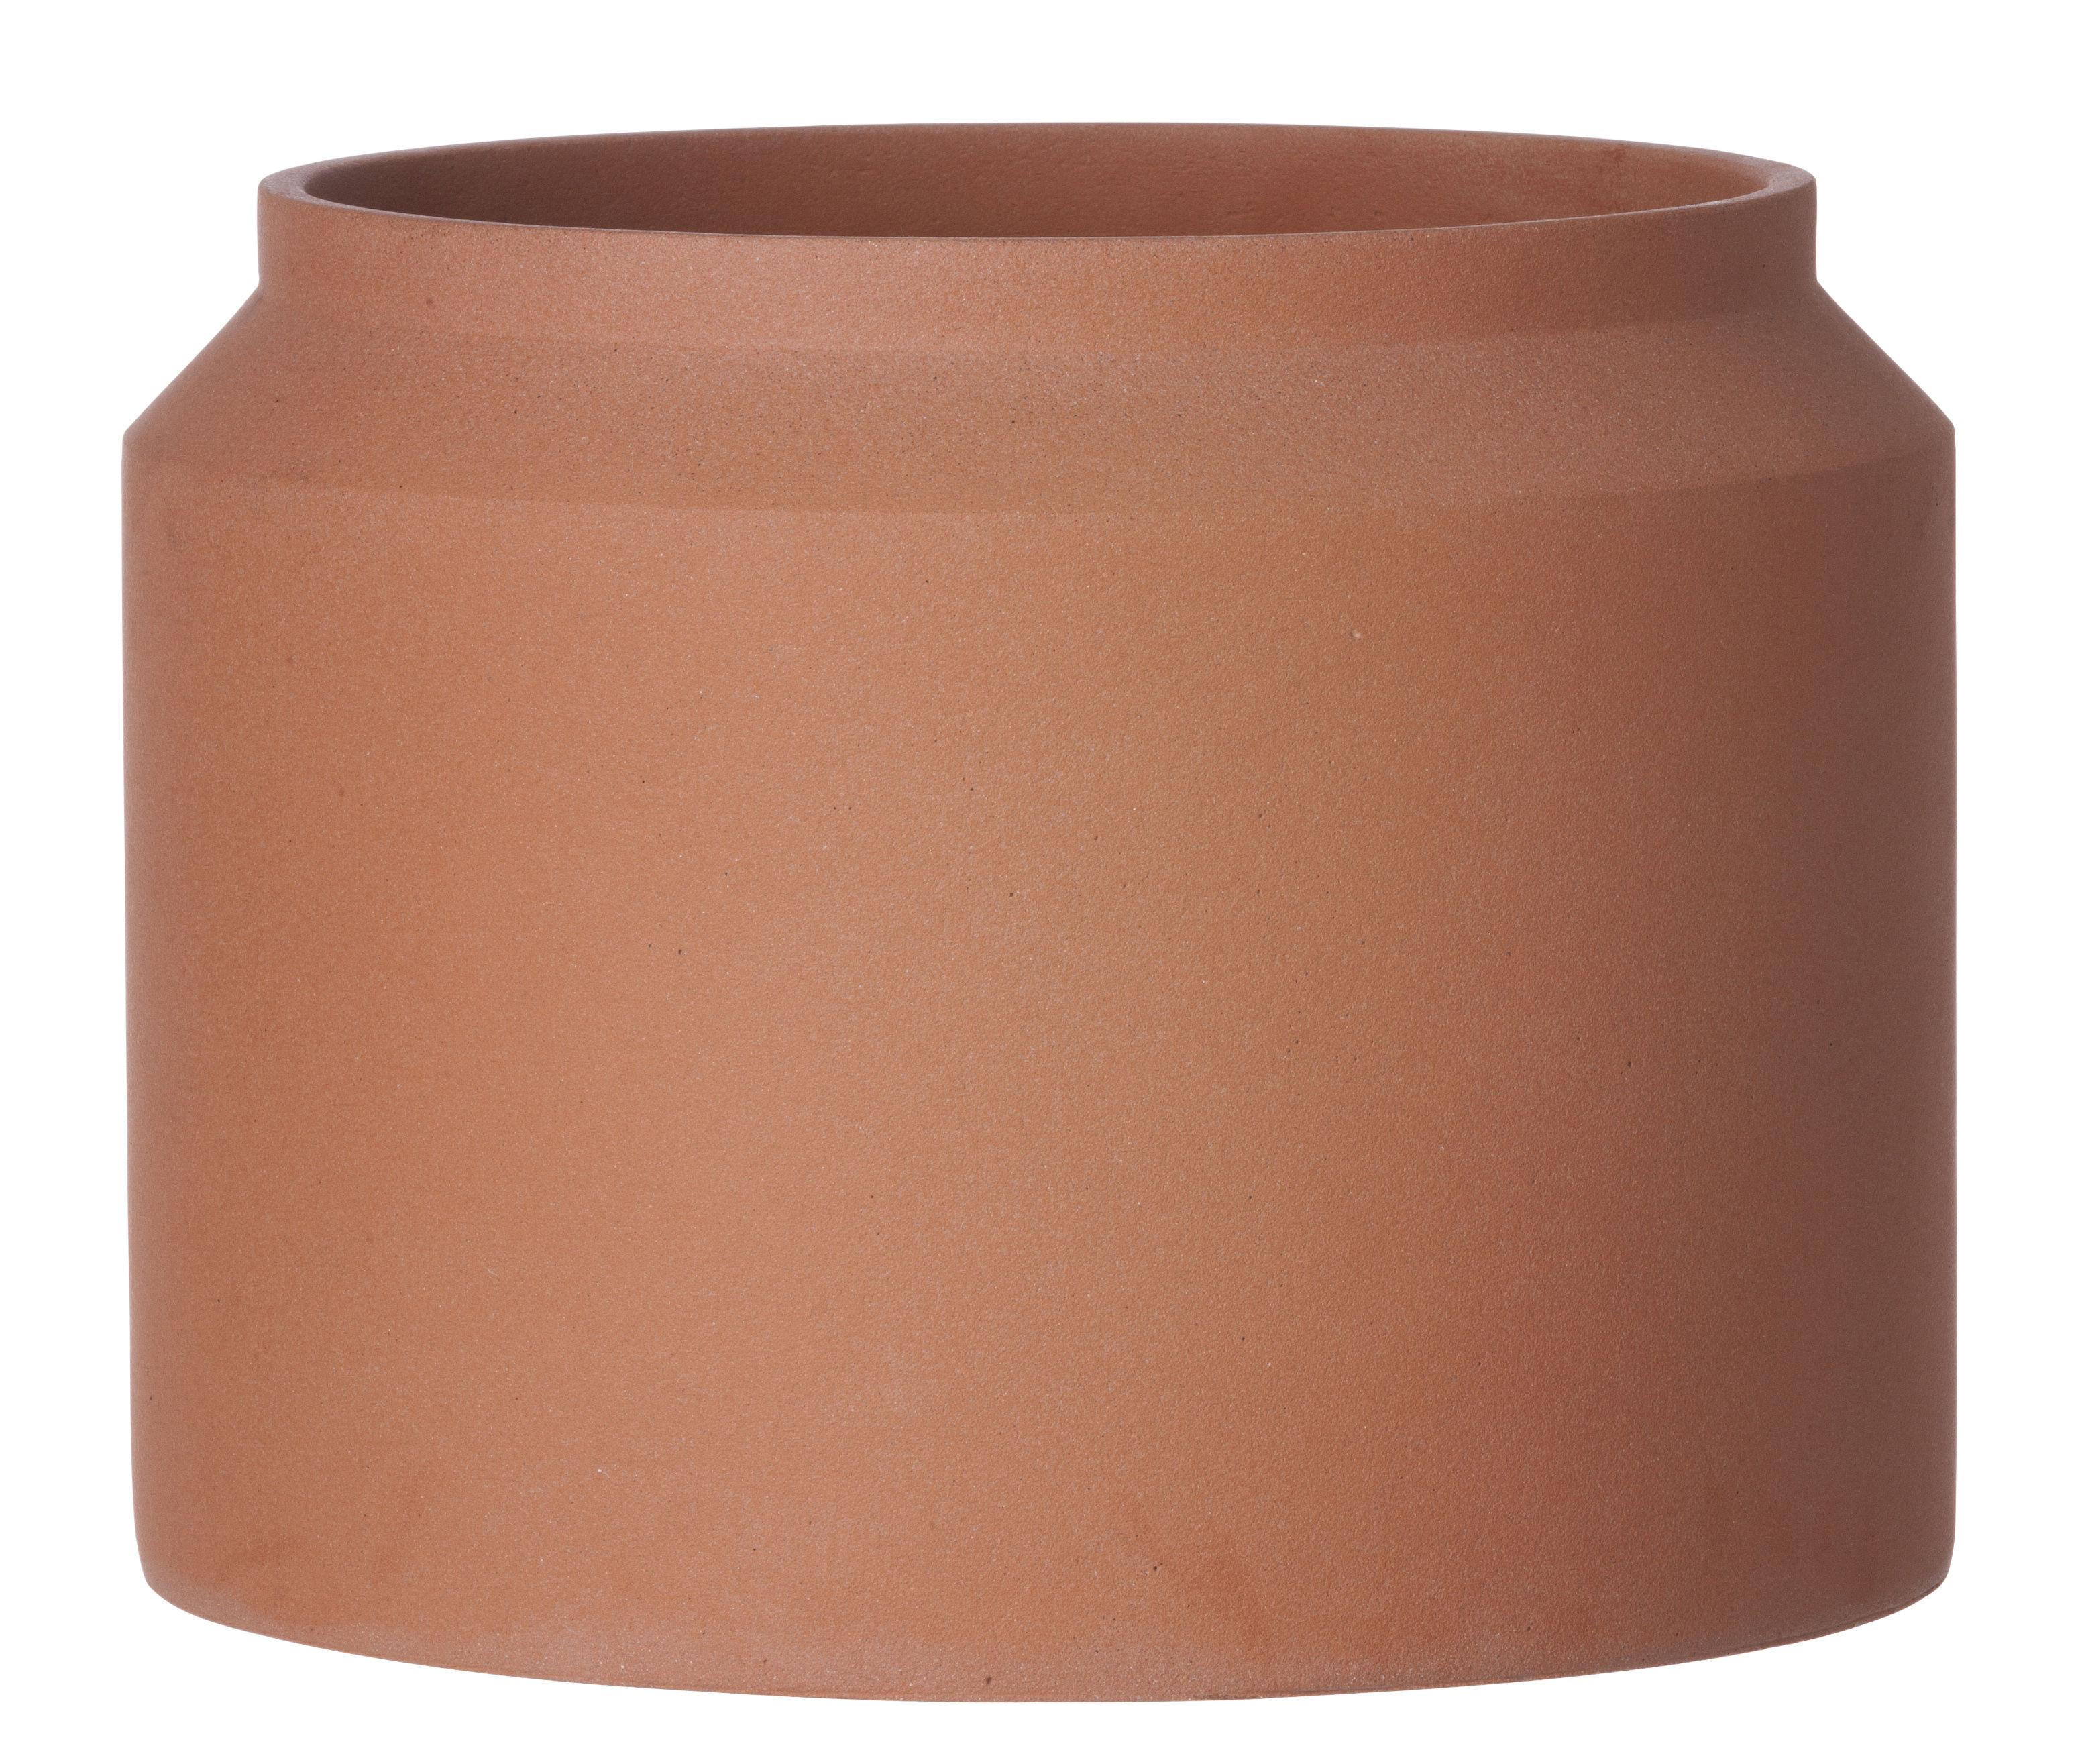 Outdoor - Vasi e Piante - Vaso per fiori Contenant Large - / Cemento - Ø 32 x H 25 cm di Ferm Living - Terracotta - Calcestruzzo